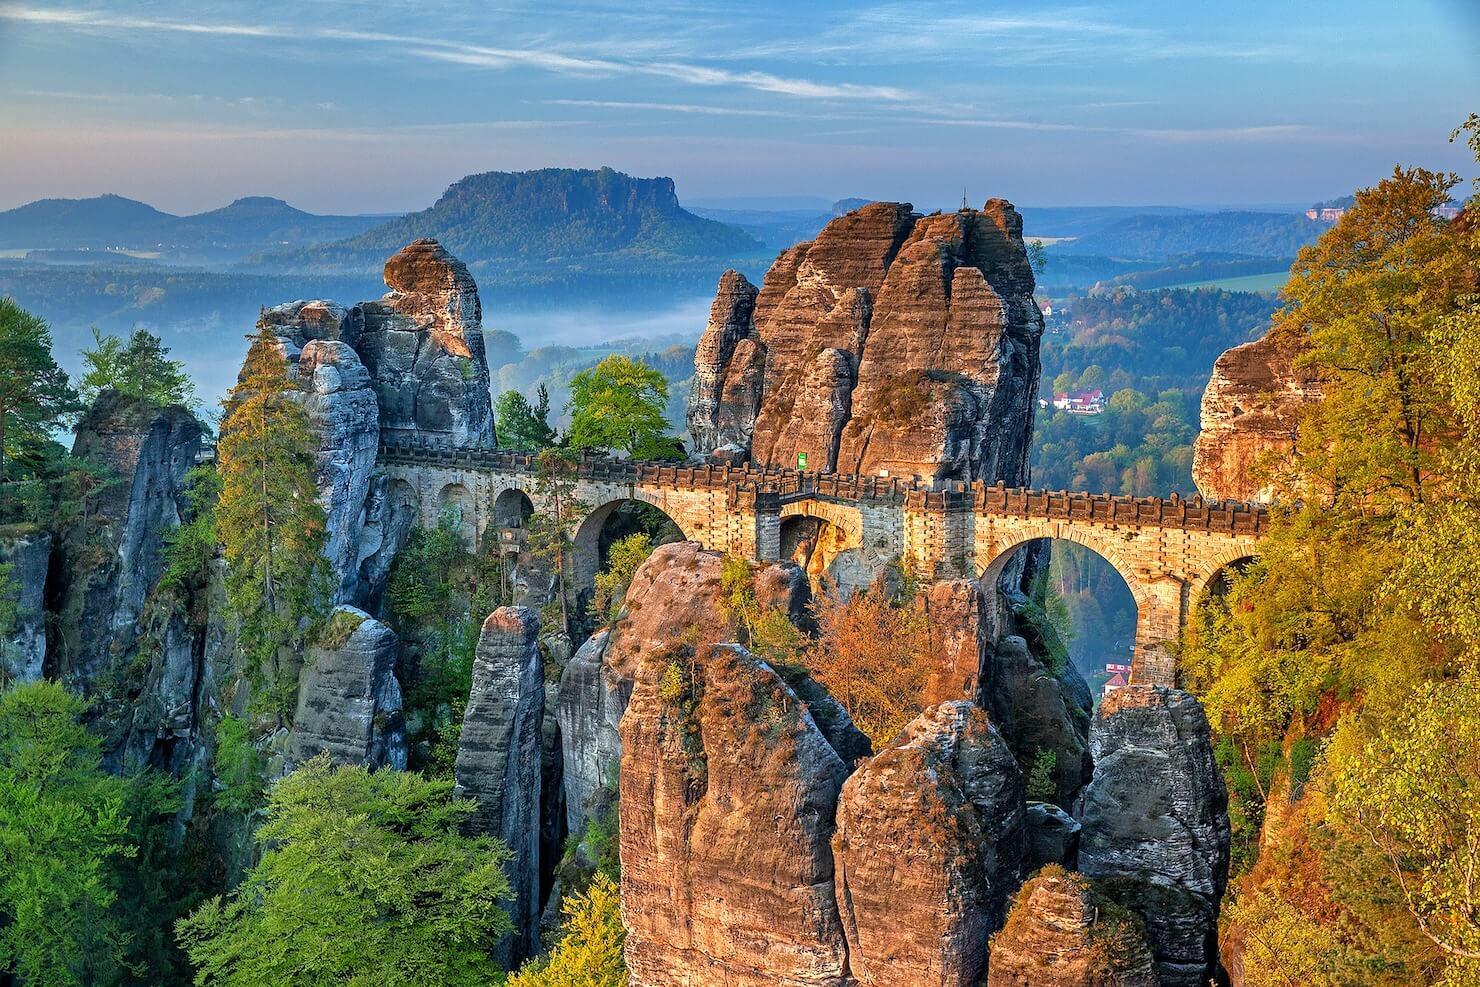 絶景の橋の写真